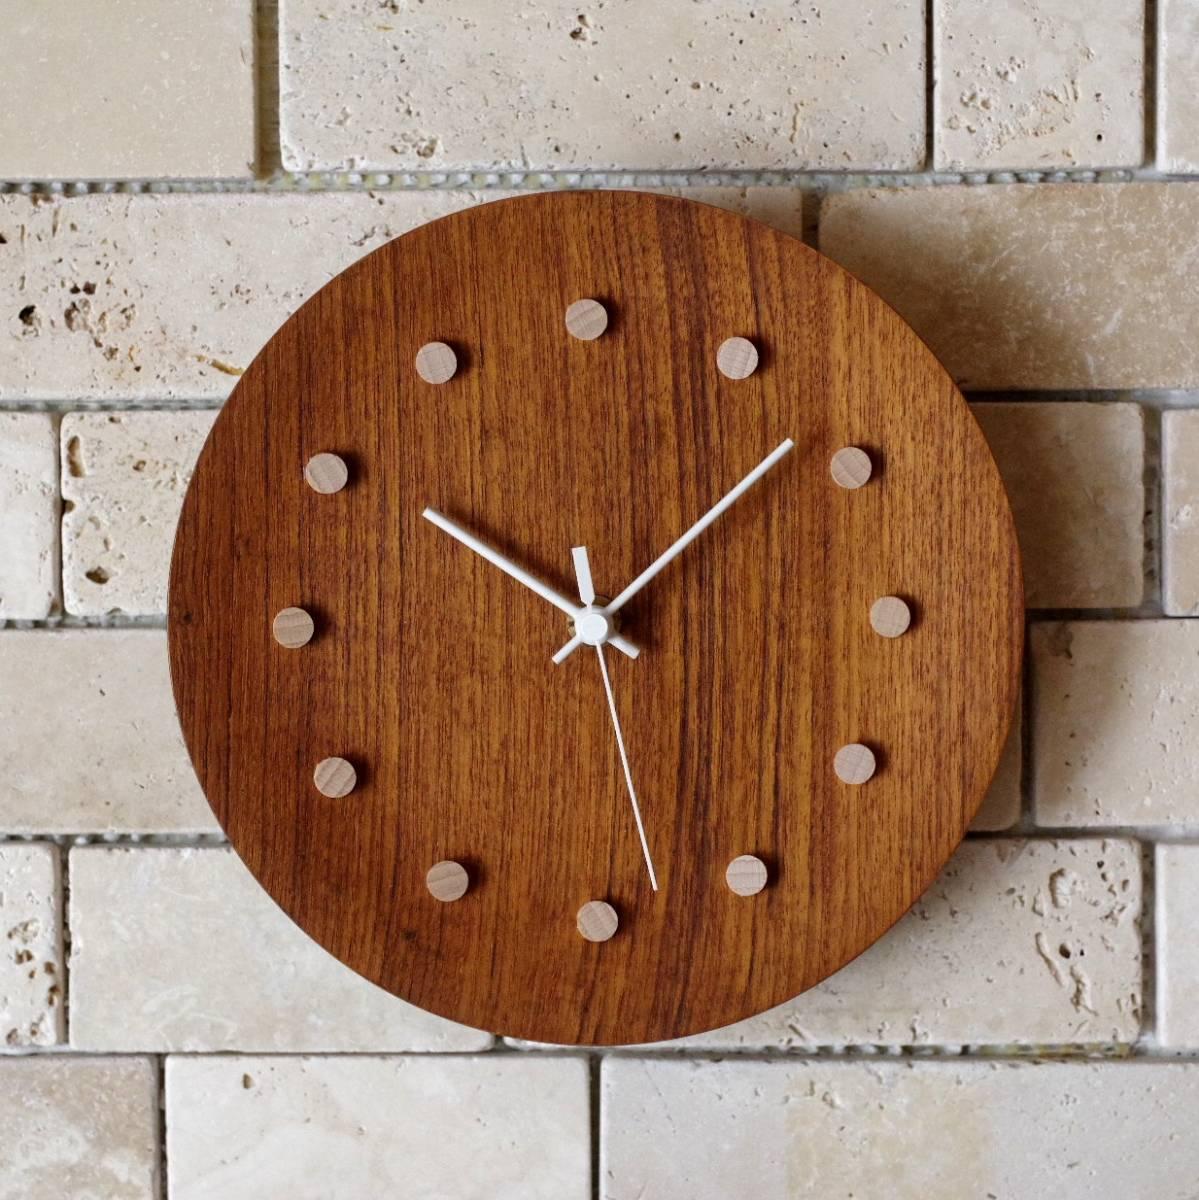 ビンテージ 日本製 TEAK チーク 壁掛け 電波時計 壁掛け時計 プレート 木製 木目 北欧風_画像1